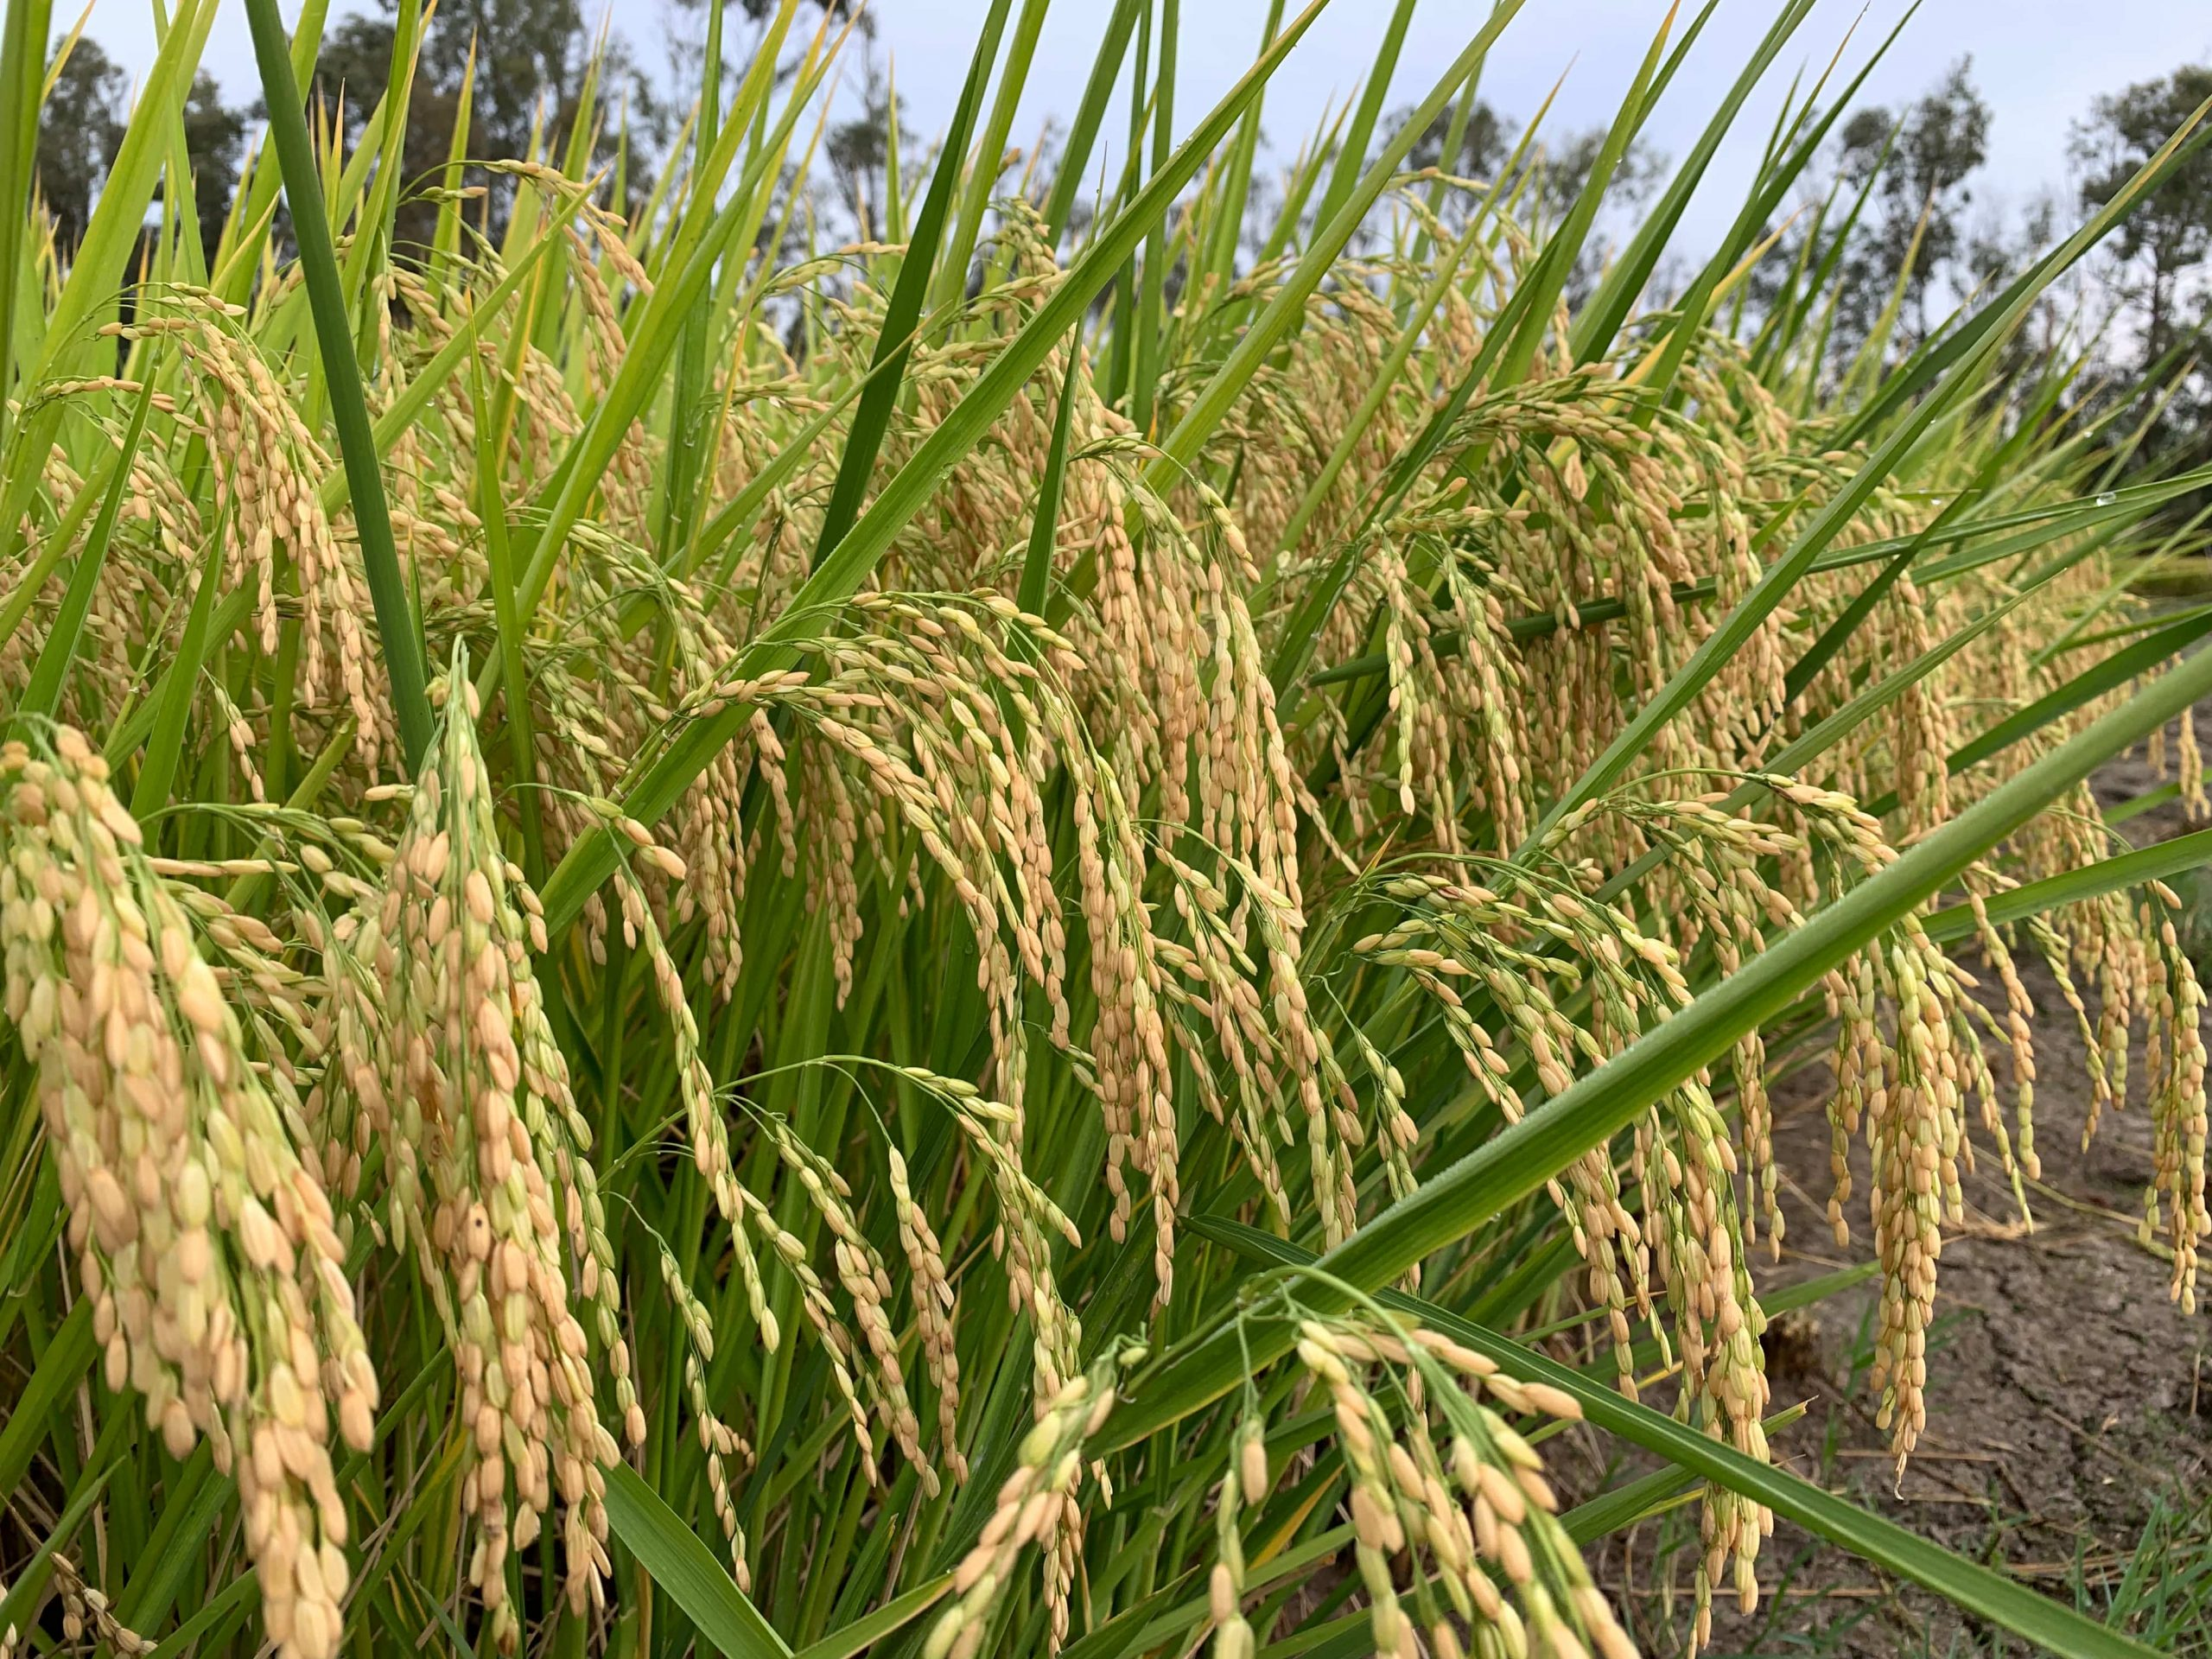 Ciclo di vita del riso: le informazioni più importanti che ogni risicoltore deve conoscere